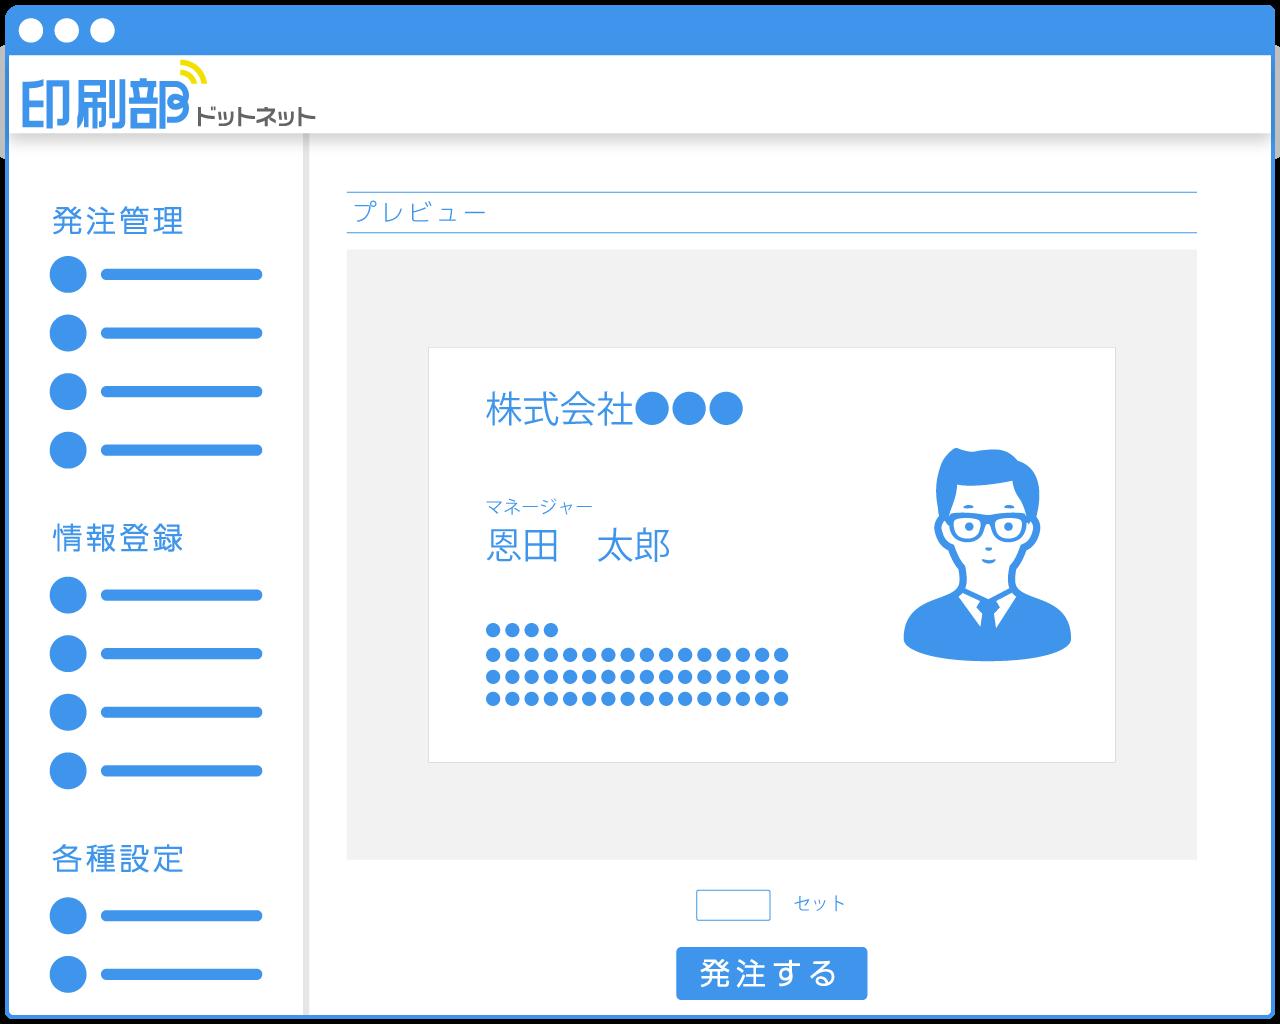 印刷部ドットネットのプレビュー機能の画面イメージ